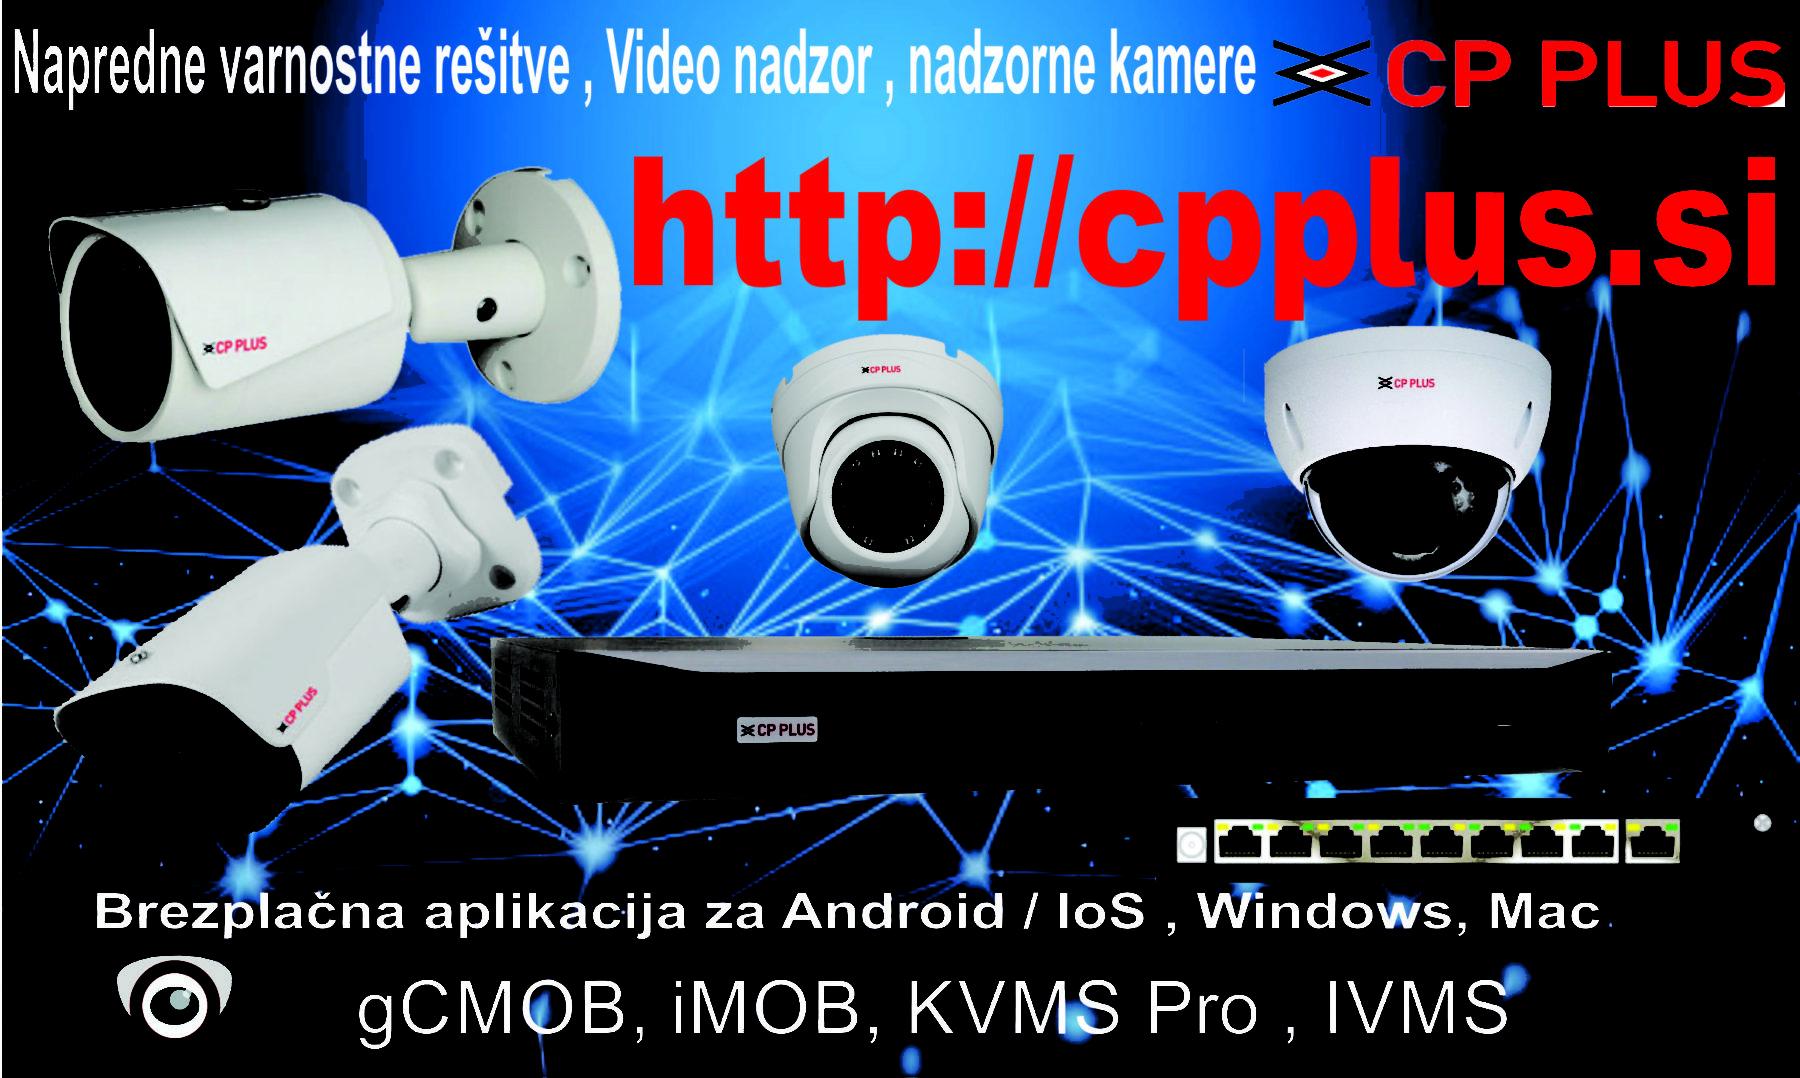 Napredne varnostne rešitve CP PLUS